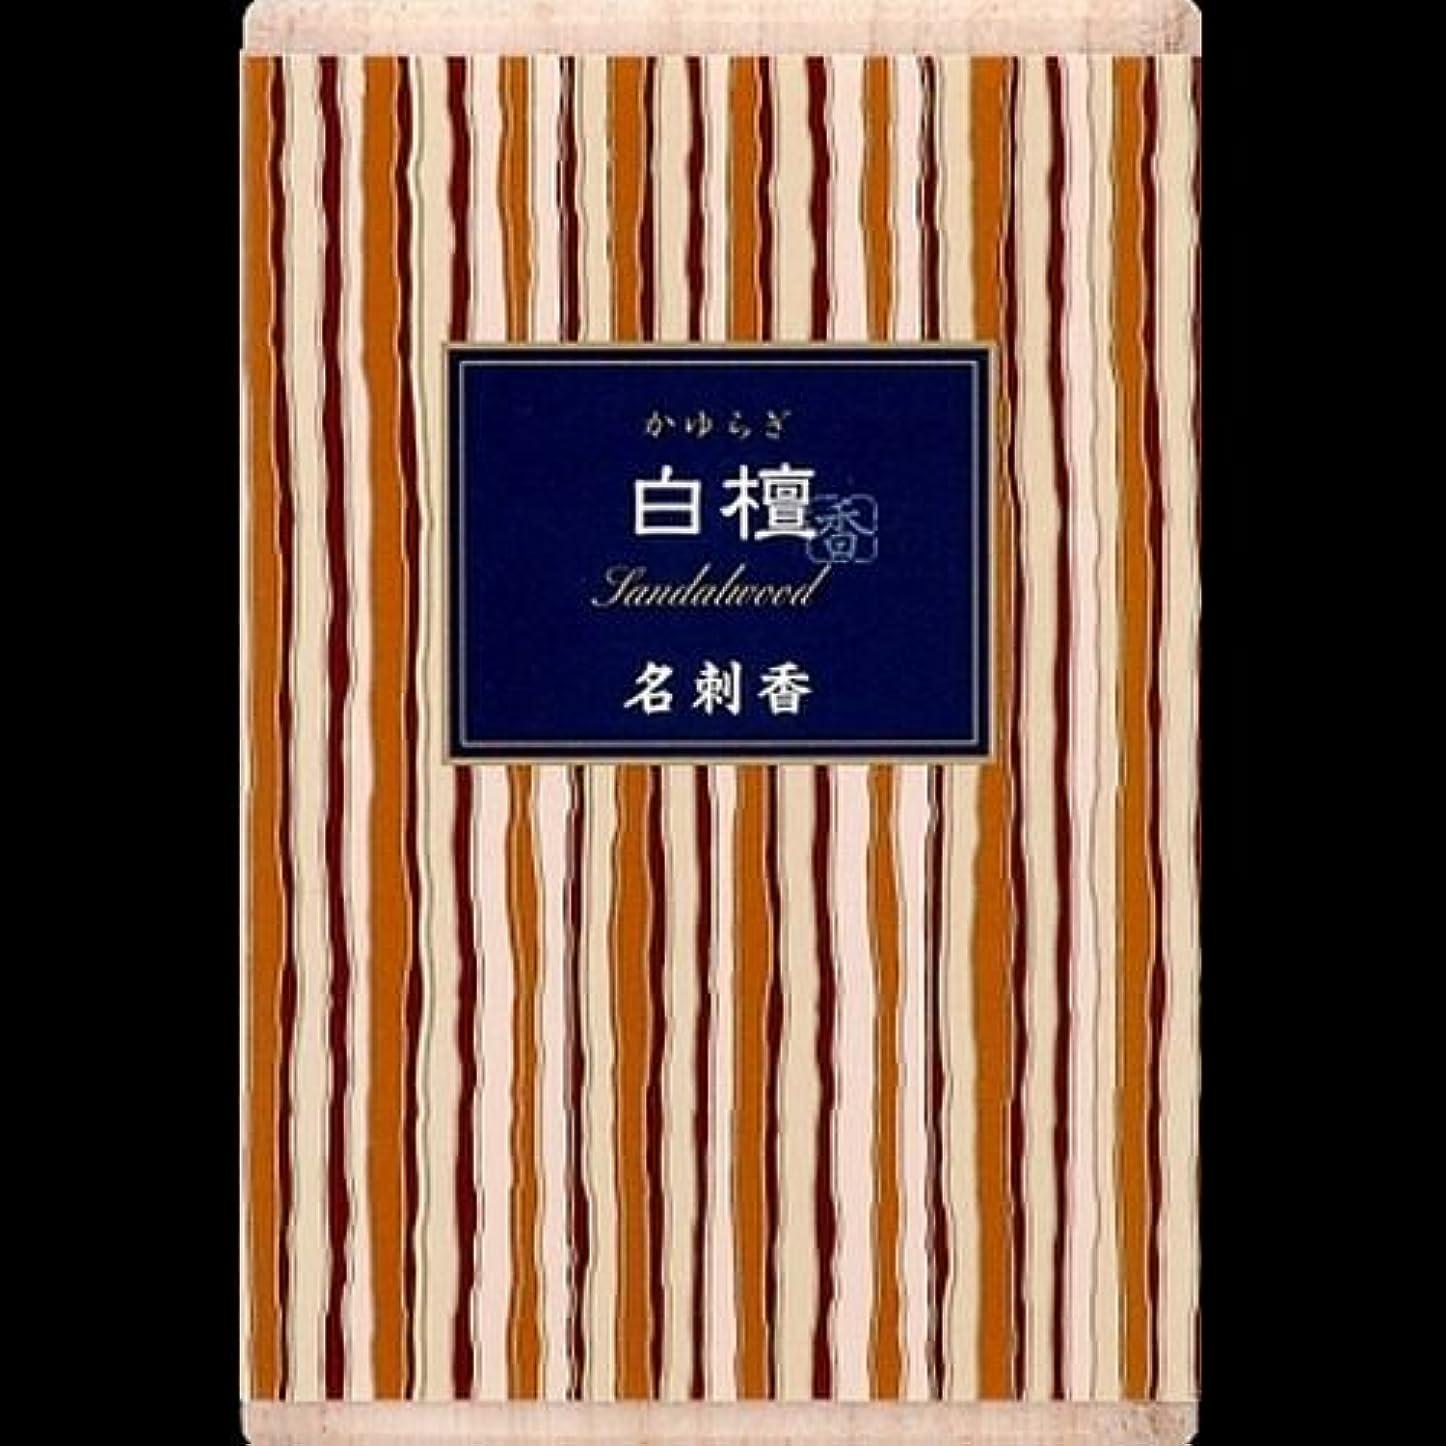 シンク気性デクリメント【まとめ買い】かゆらぎ 白檀 名刺香 桐箱 6入 ×2セット